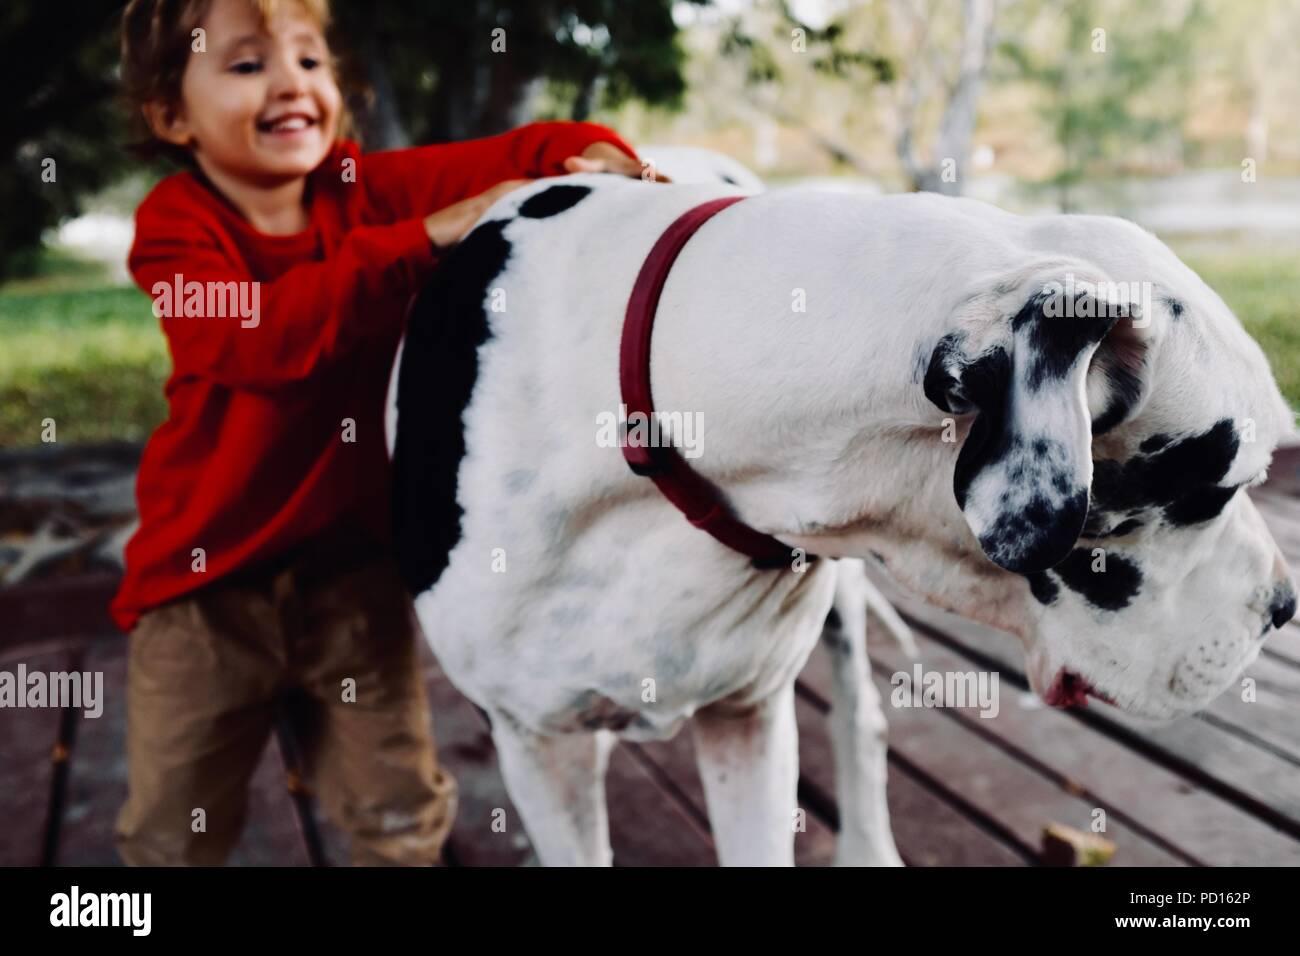 Ein junges Mädchen Knuddel und lächelt mit einer weißen und einer schwarzen Dogge Hund, Booroona Wanderweg auf der Ross River, Rasmussen, QLD 4815, Australien Stockbild